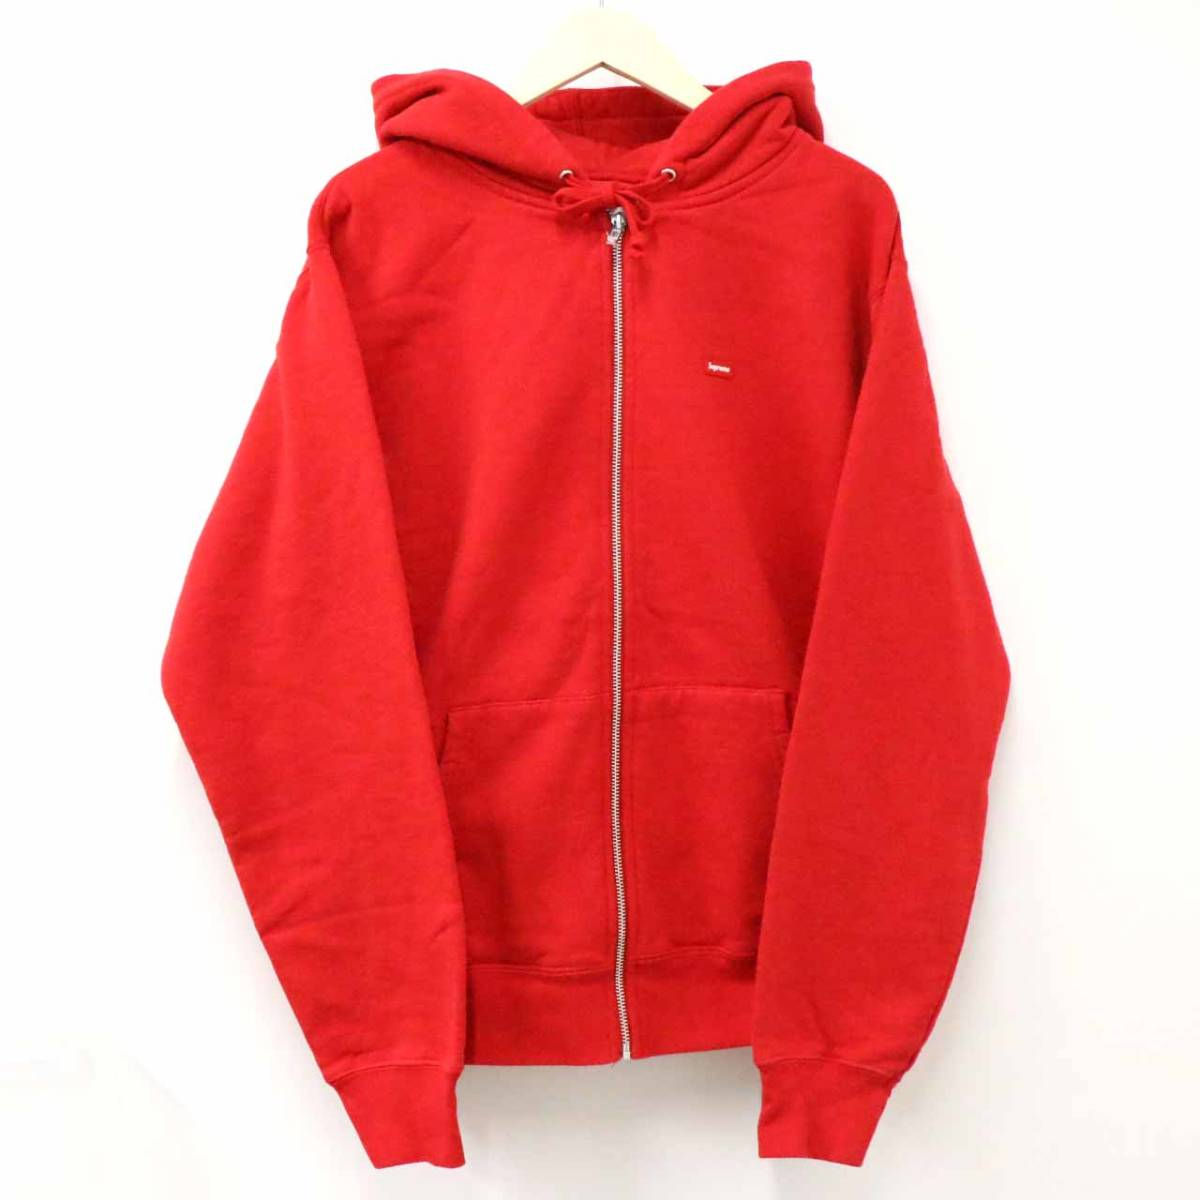 新品未使用 Supreme シュプリーム 19SS Small Box Zip Up Sweatshirt M RED レア 希少 完売 B16562_画像1